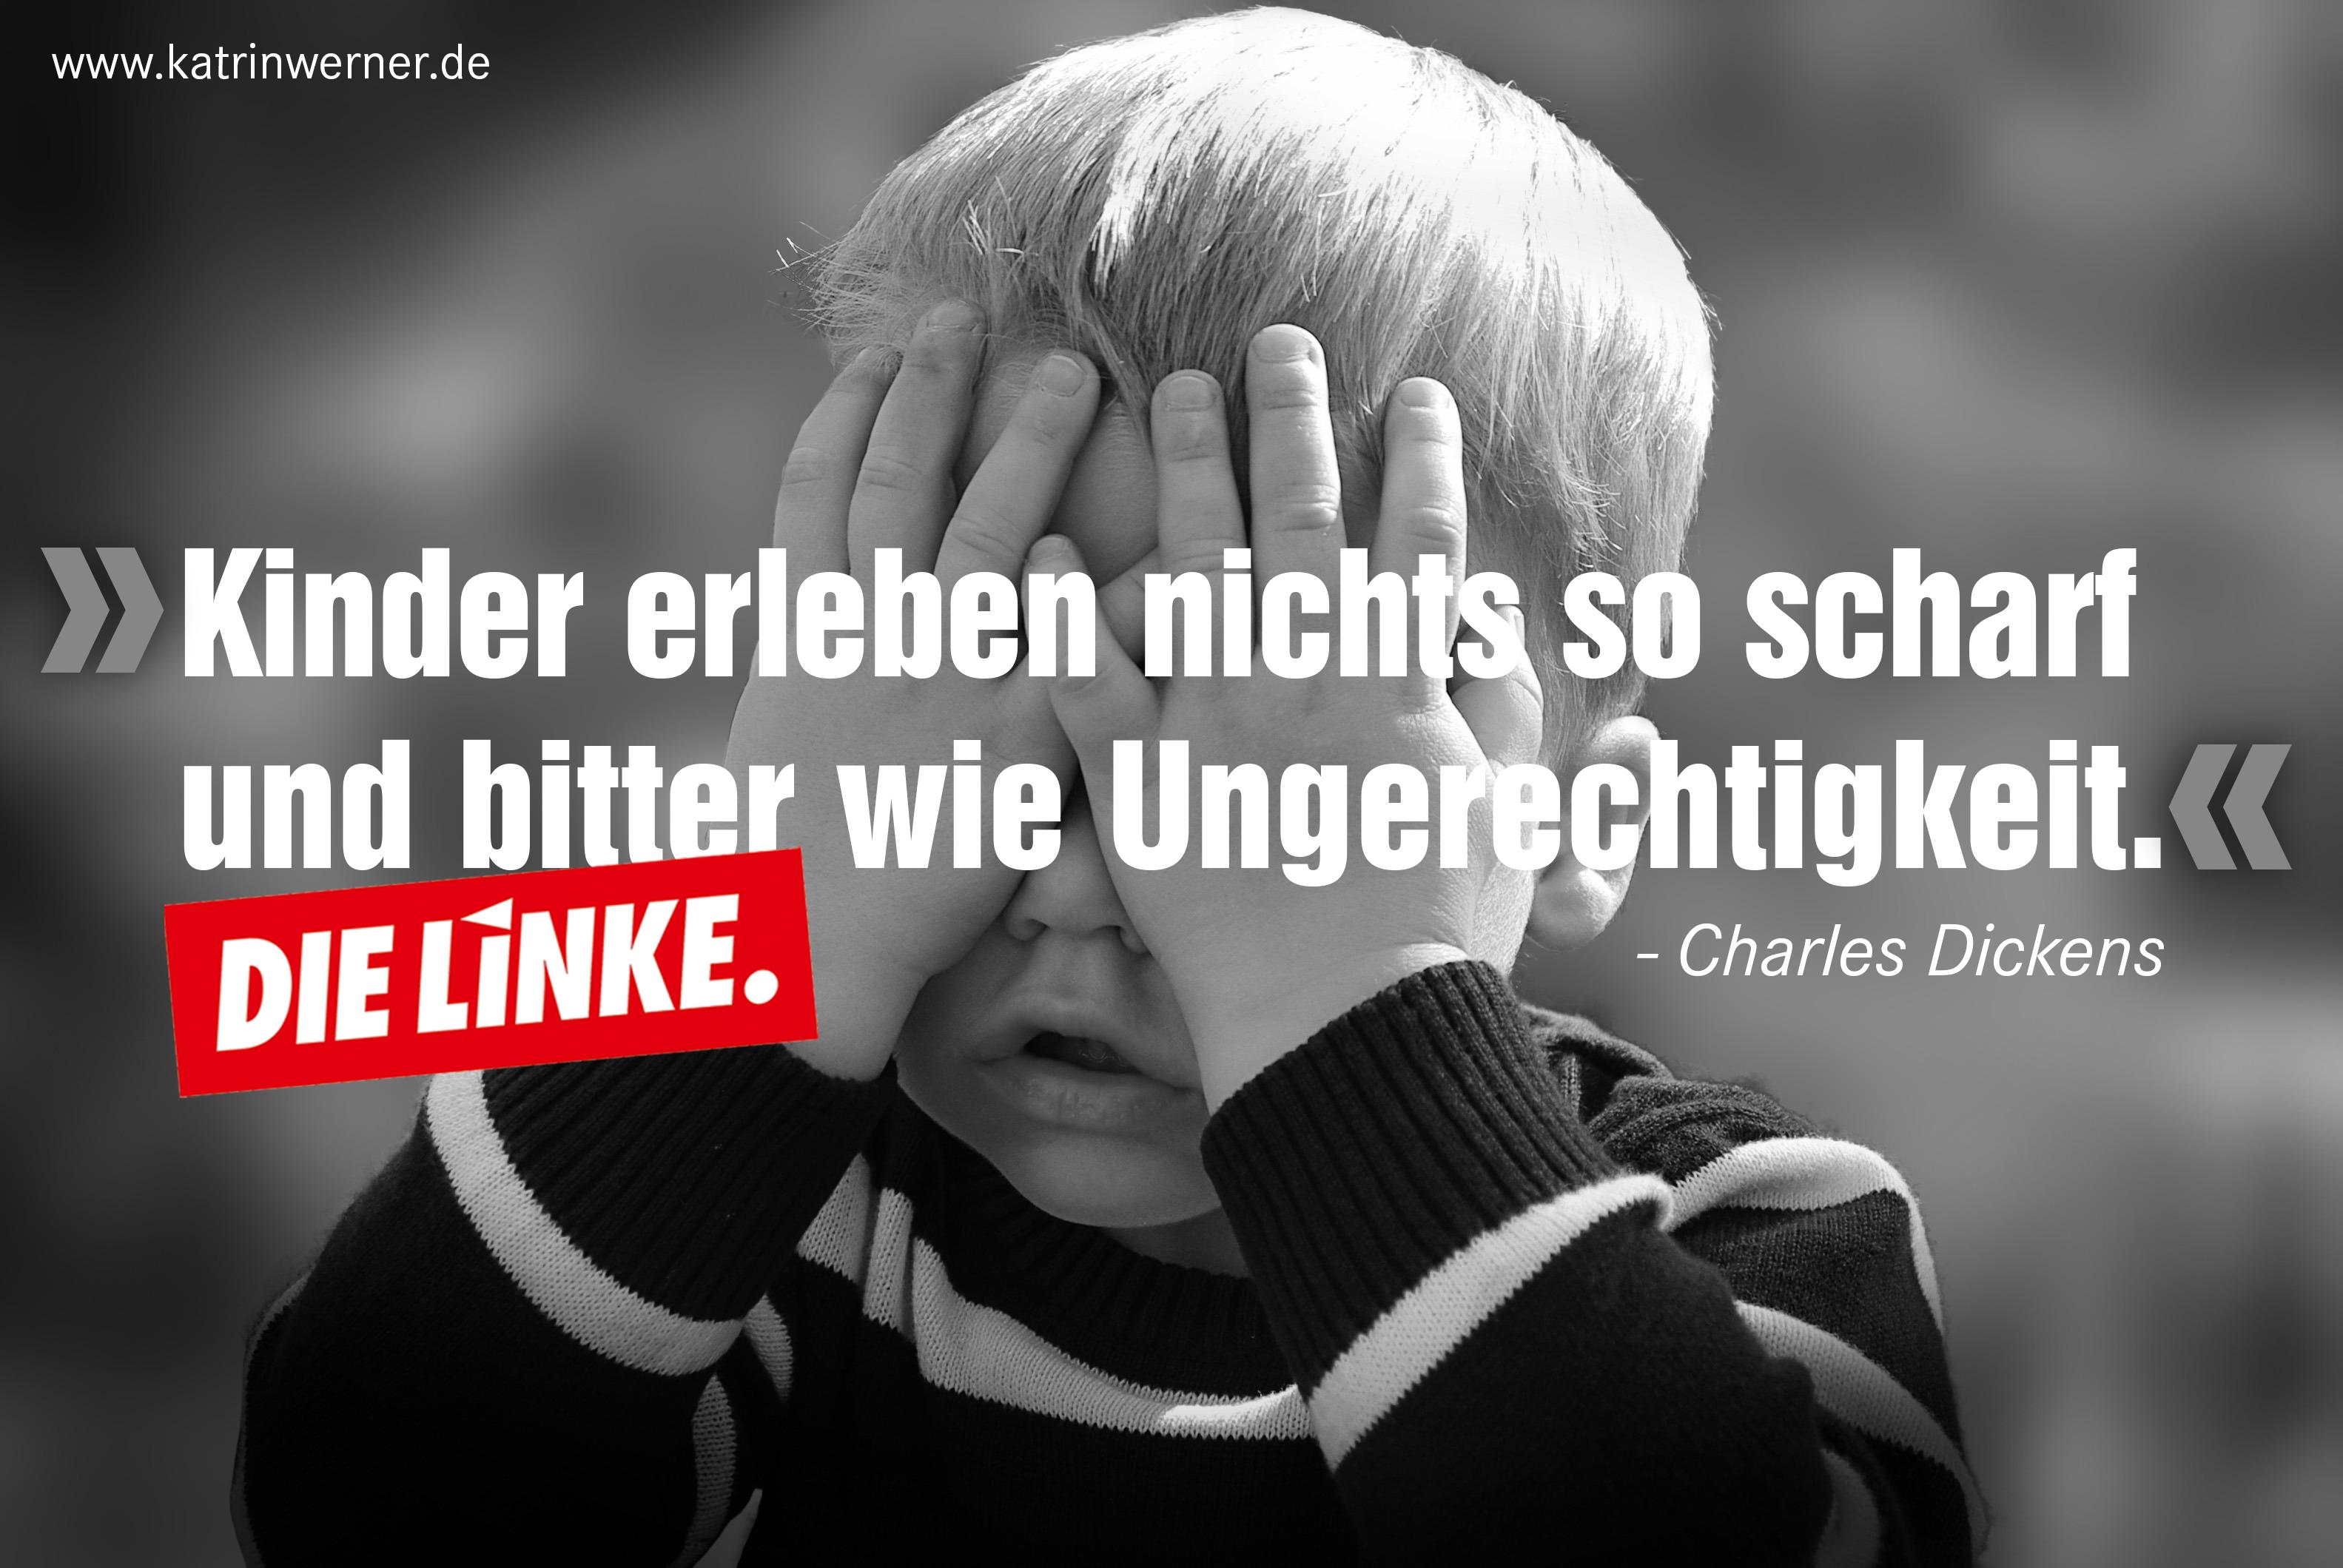 """Bild eines Kindes, dass sich die Hände vor die Augen hält. Davor steht das Zitat """"Kinder erleben nichts so scharf und bitter wie Ungerechtigkeit"""" von Charles Dickens."""